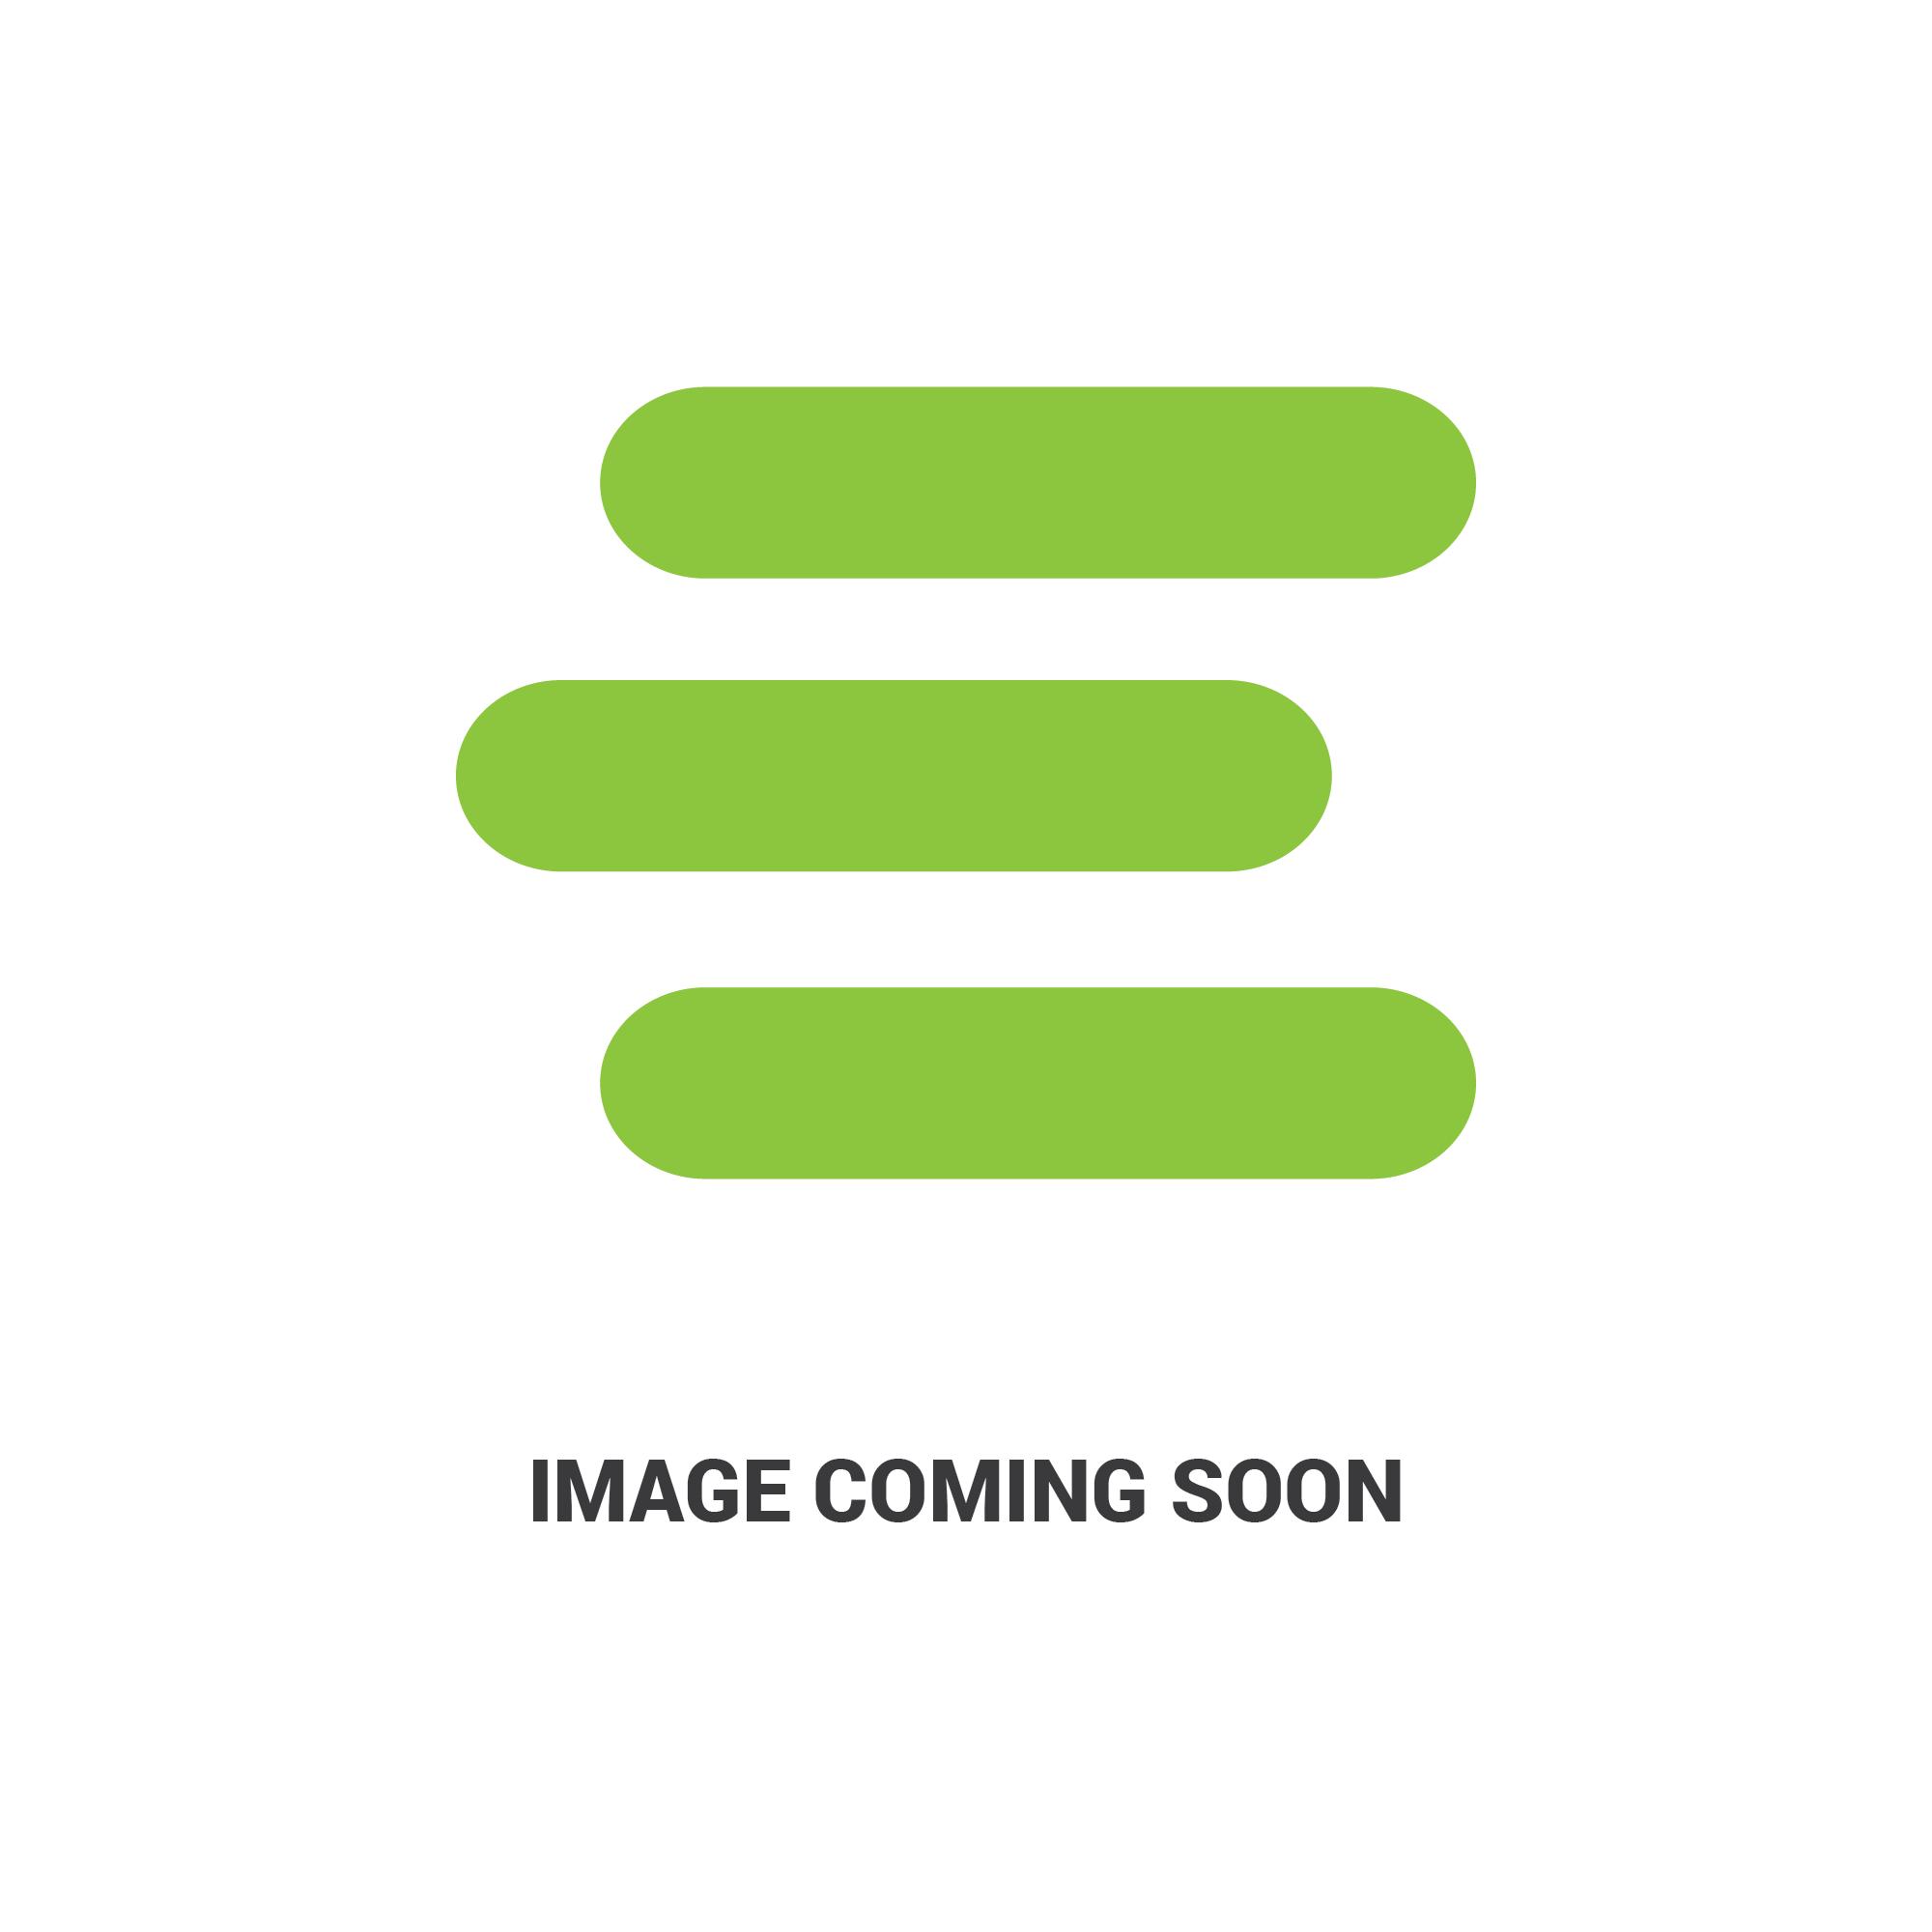 E-93835C91ag1001721.2.jpg